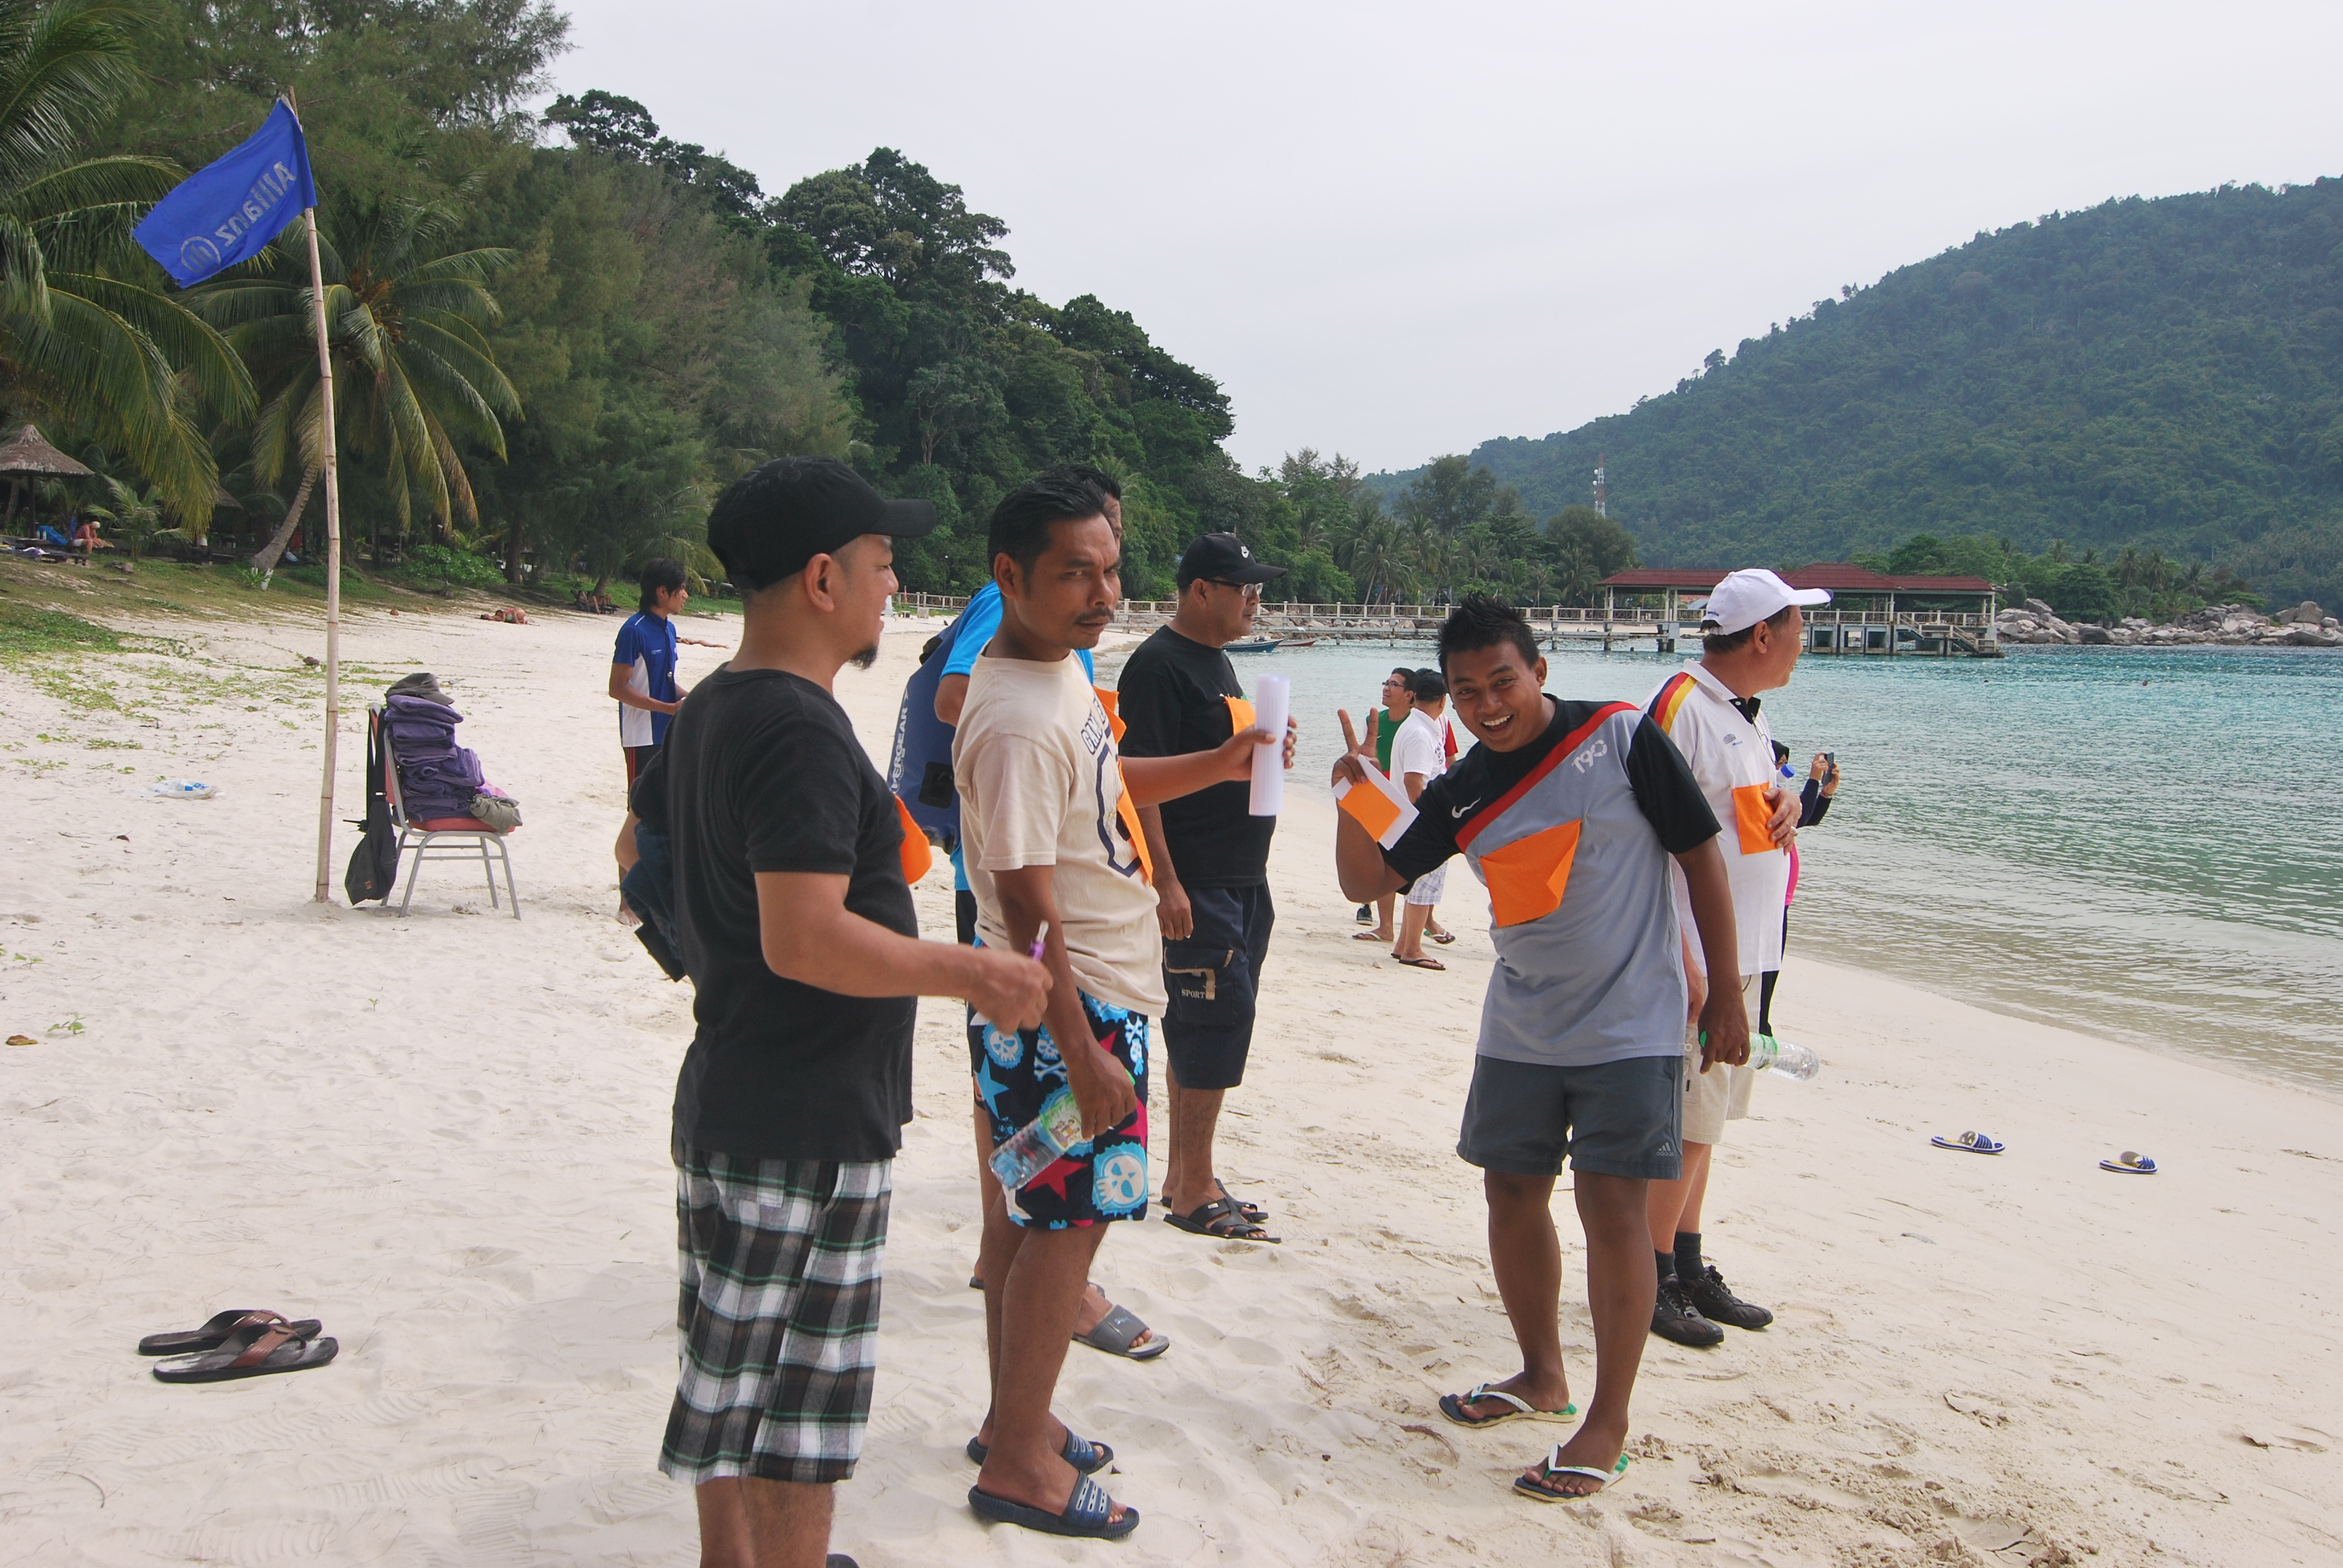 Allianz KB Pulau Perhentian